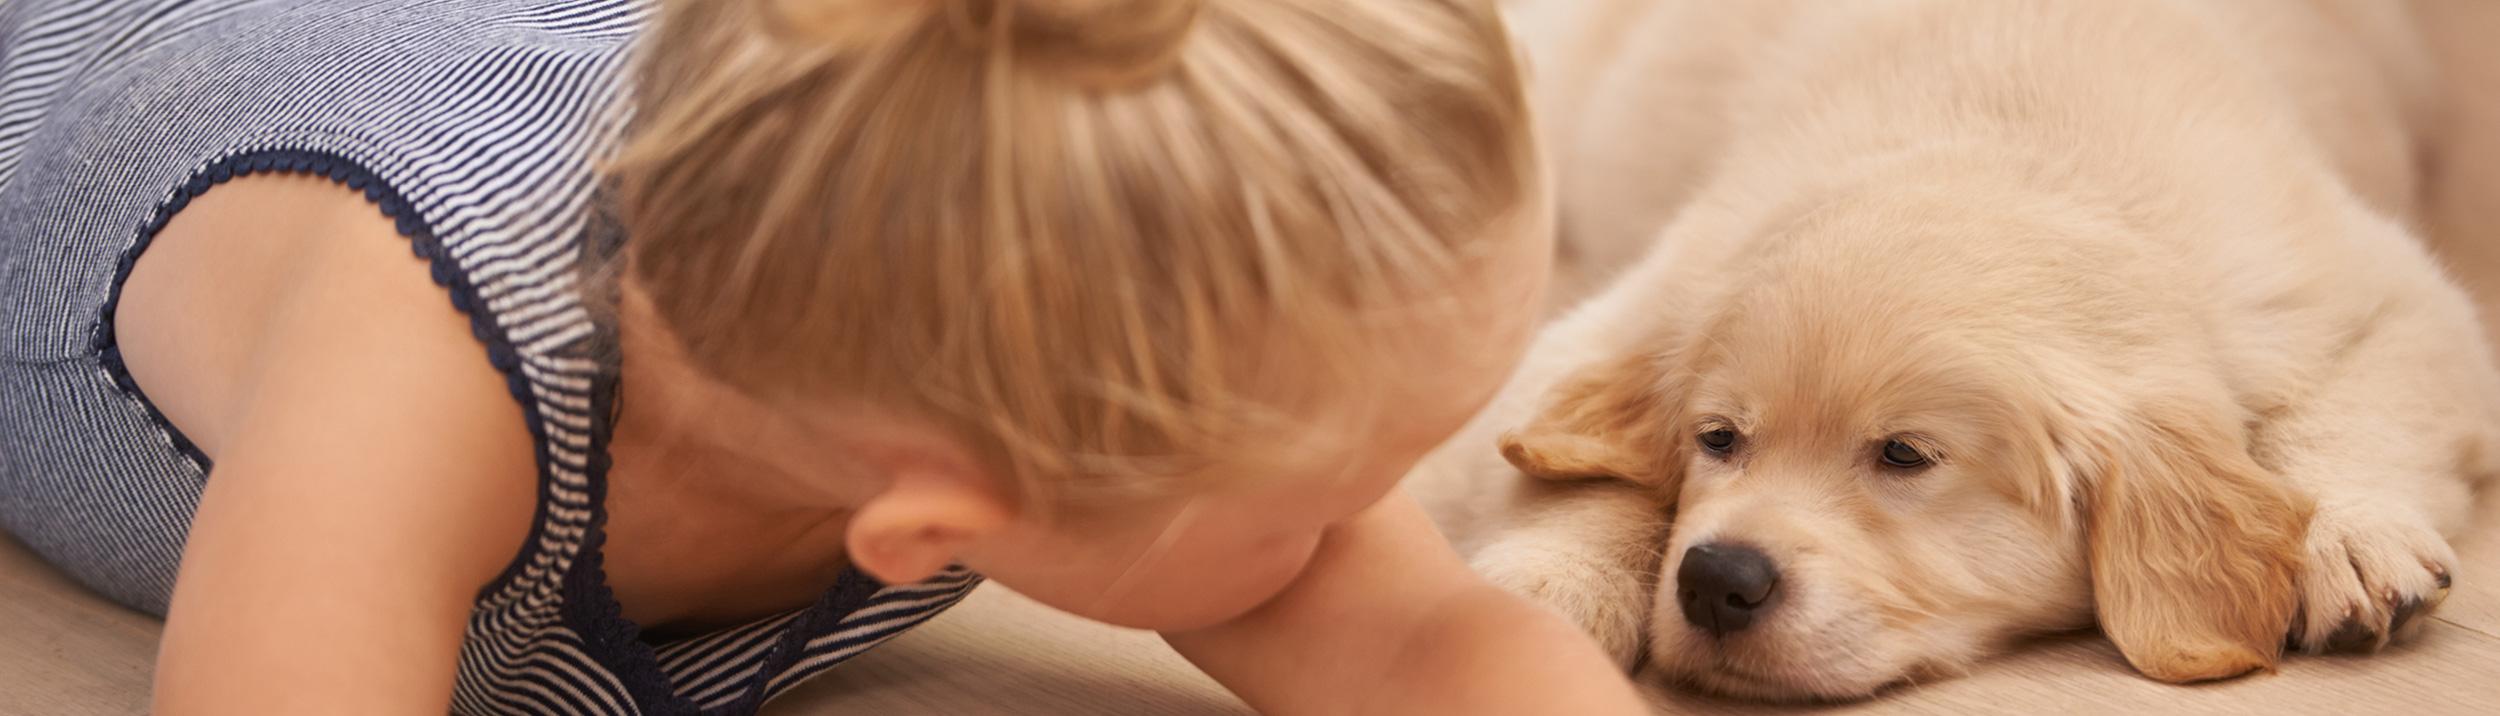 Mädchen mit Hund liegen auf dem Boden und geniessen den Warmen Fussboden dank der Fussbodenheizung der Urs Metzger AG.